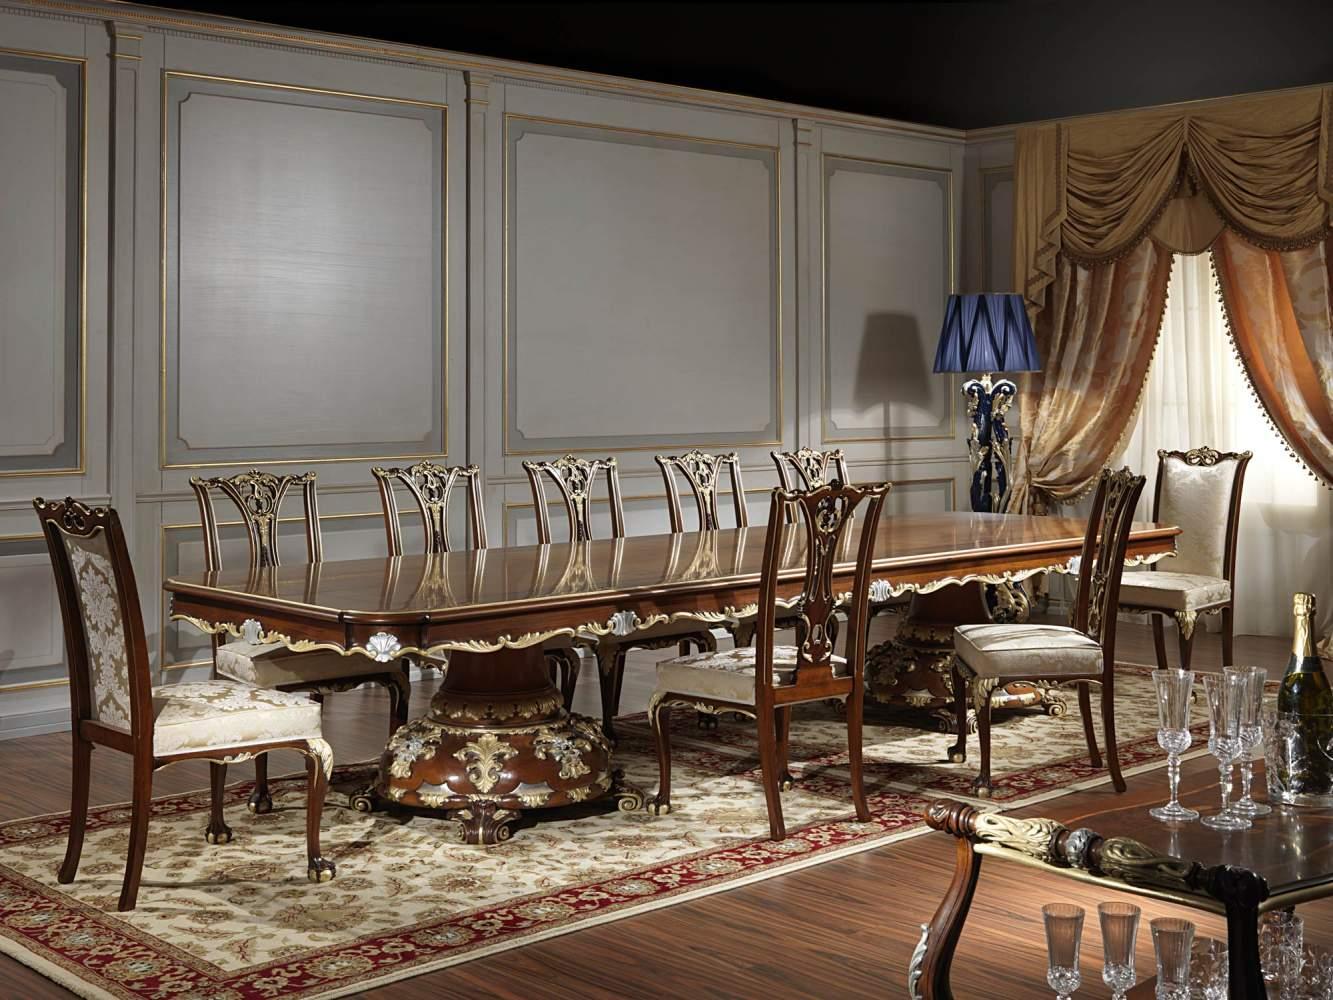 Sala Da Pranzo In Stile Classico Luigi XV Vimercati Meda #975F34 1333 1000 Sala Da Pranzo In Stile